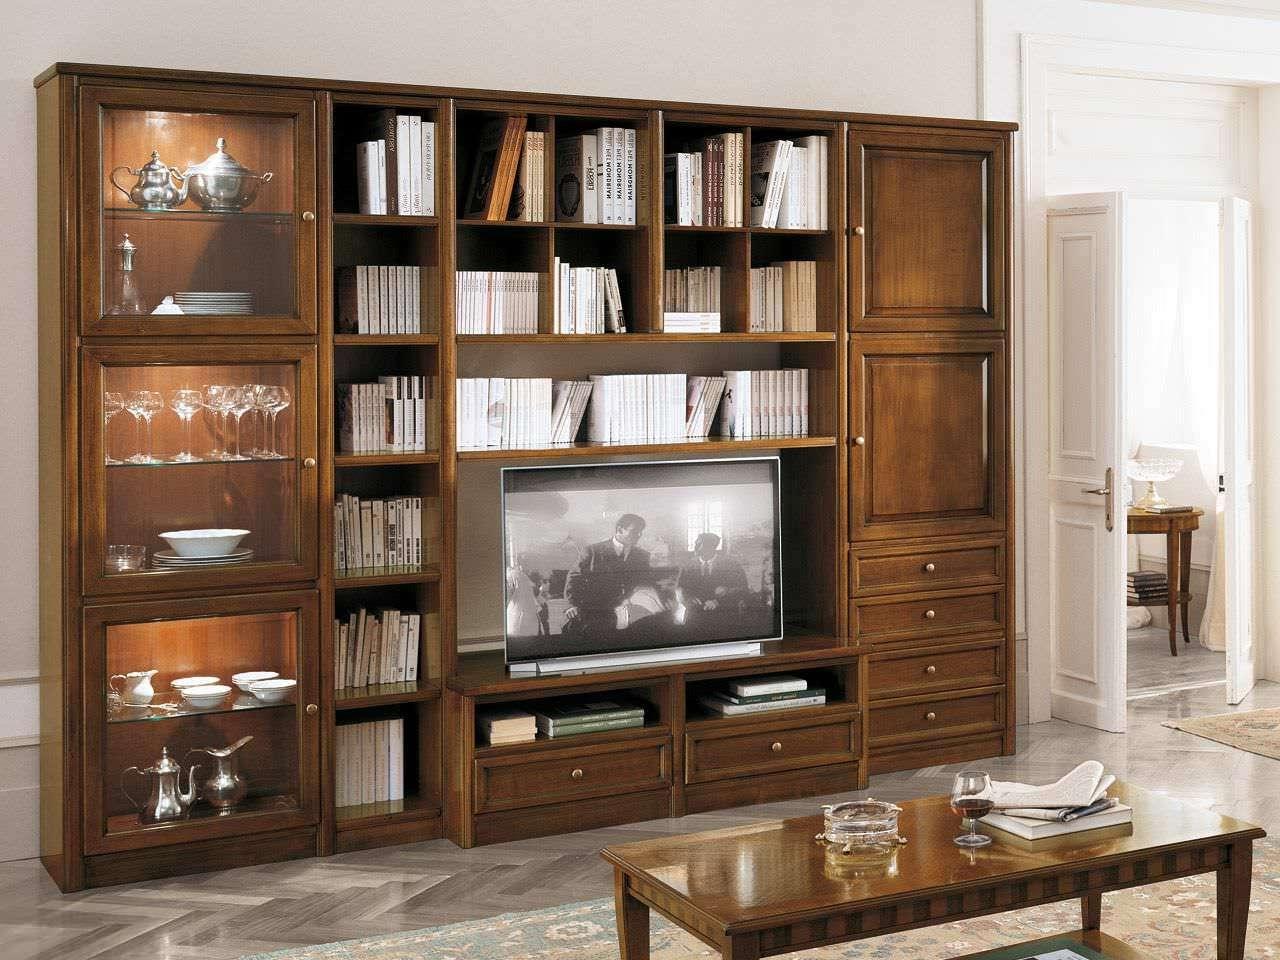 Traditional Tv Cabinet / Wooden – Livingpierangelo Sciuto Pertaining To Traditional Tv Cabinets (View 2 of 20)